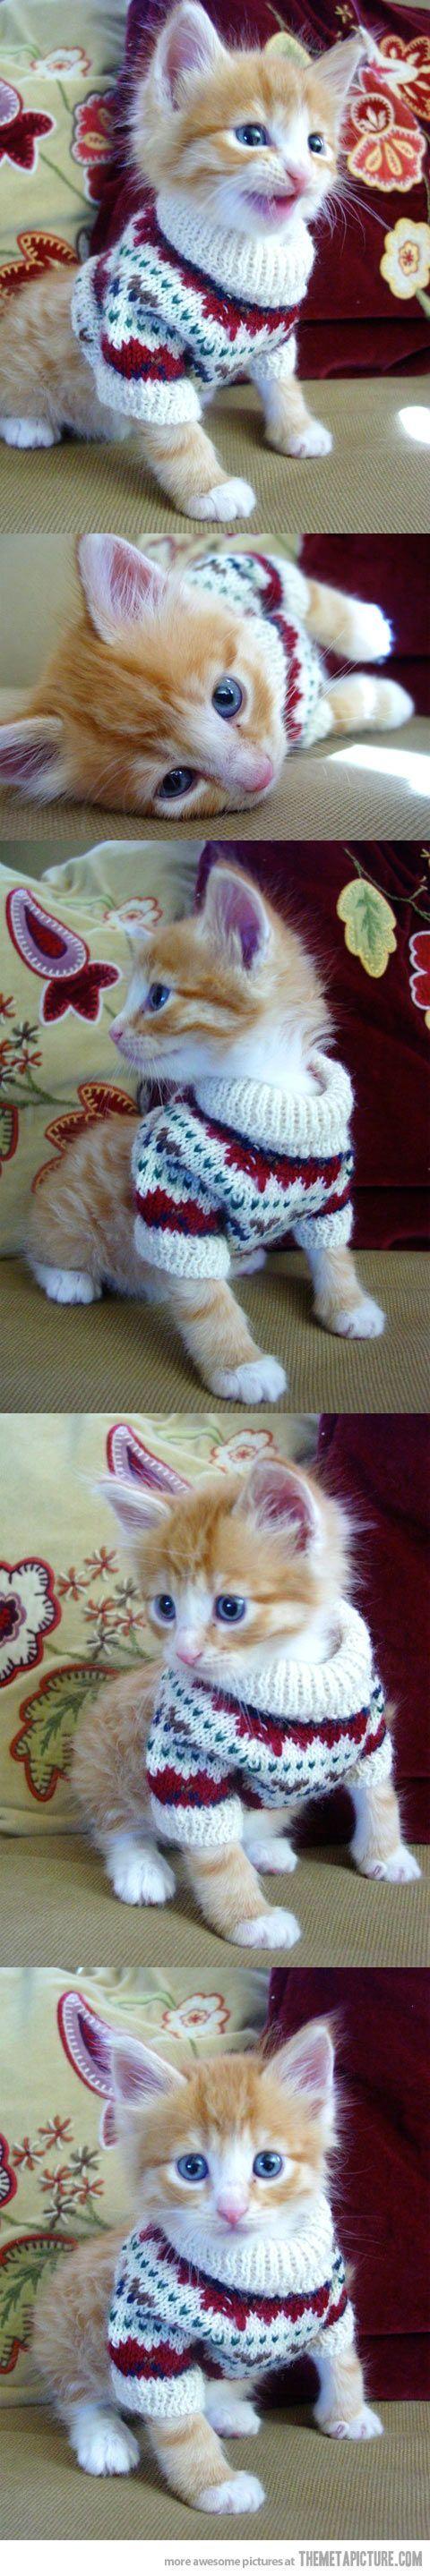 Best dressed kitten!